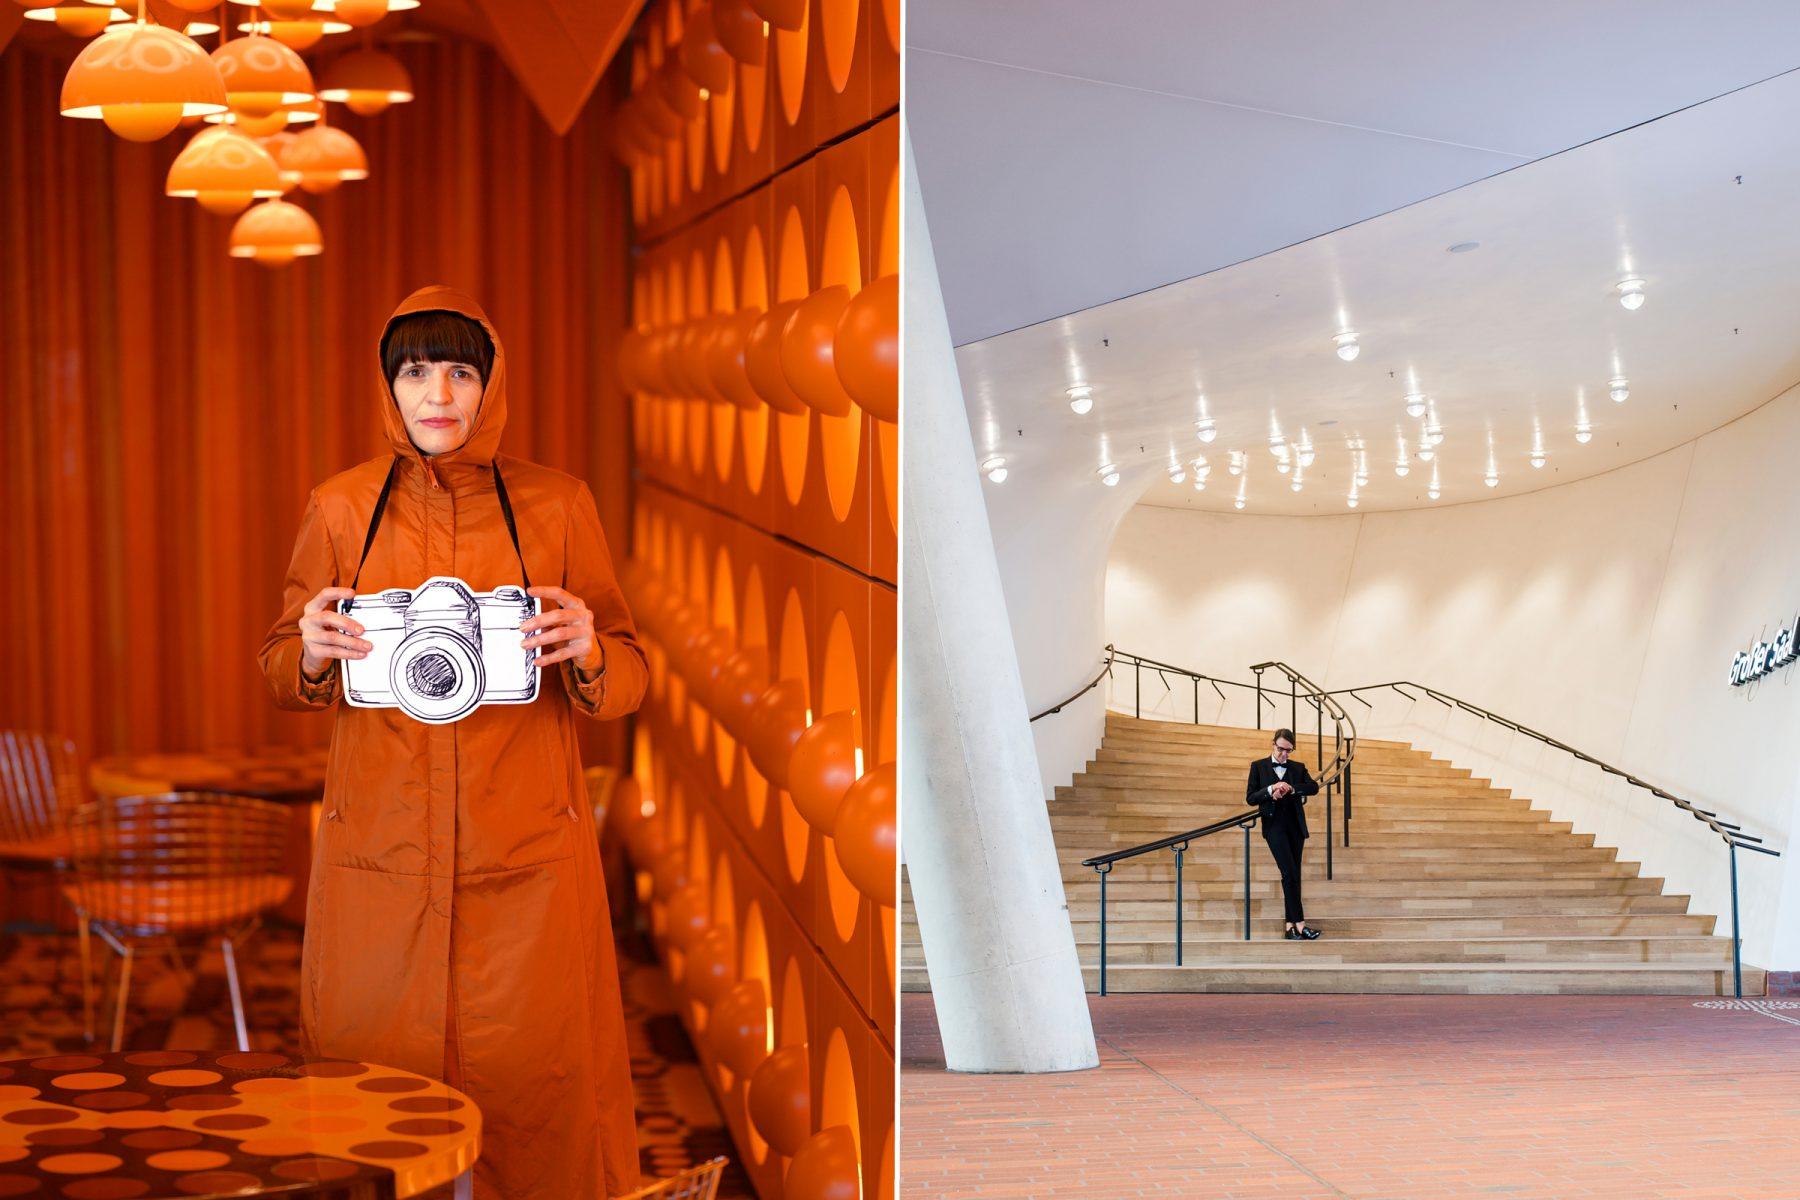 Fotografie-Ausstellung: Wir geben Hamburg Perspektive. Foto: Nicole Keller / Sibylle Zettler